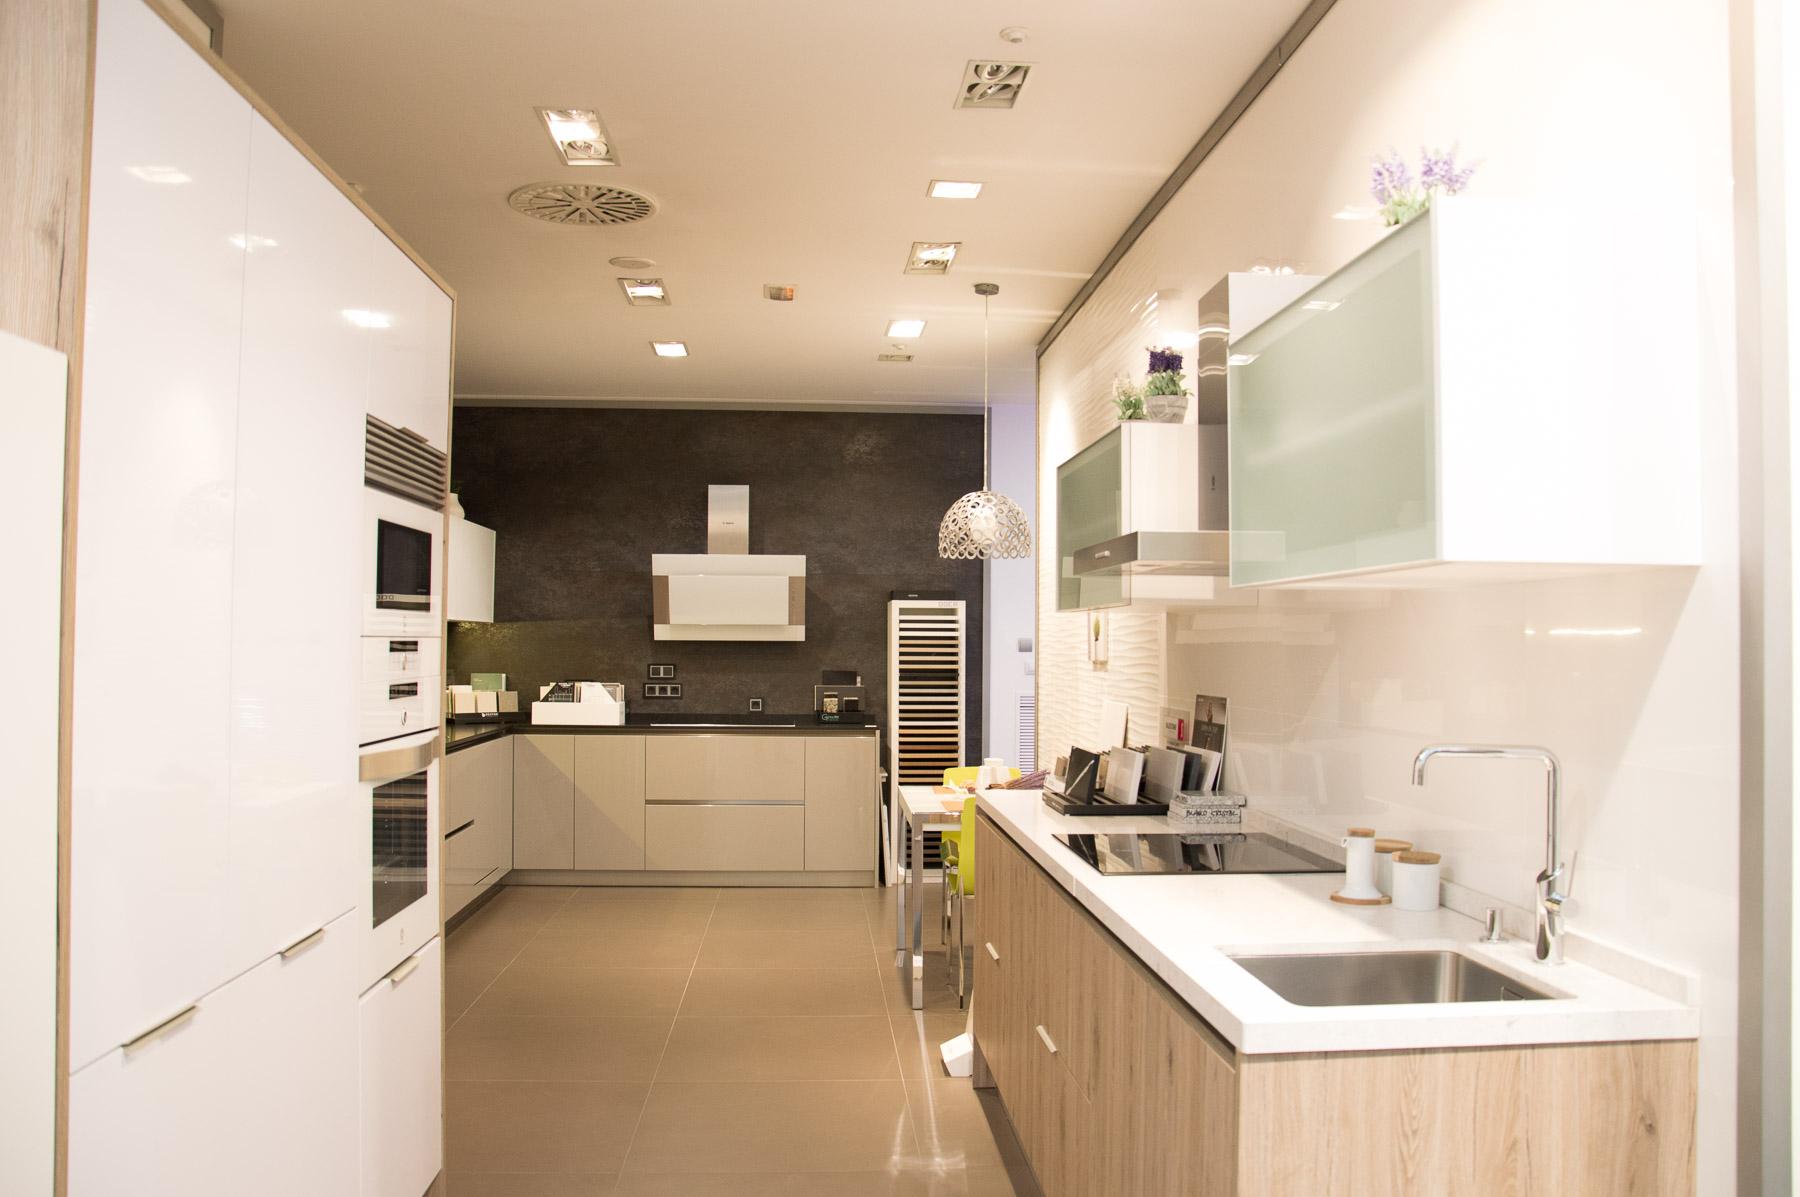 C mo limpiar las juntas de los azulejos para cocina azulejos san jos - Como limpiar juntas azulejos bano ...